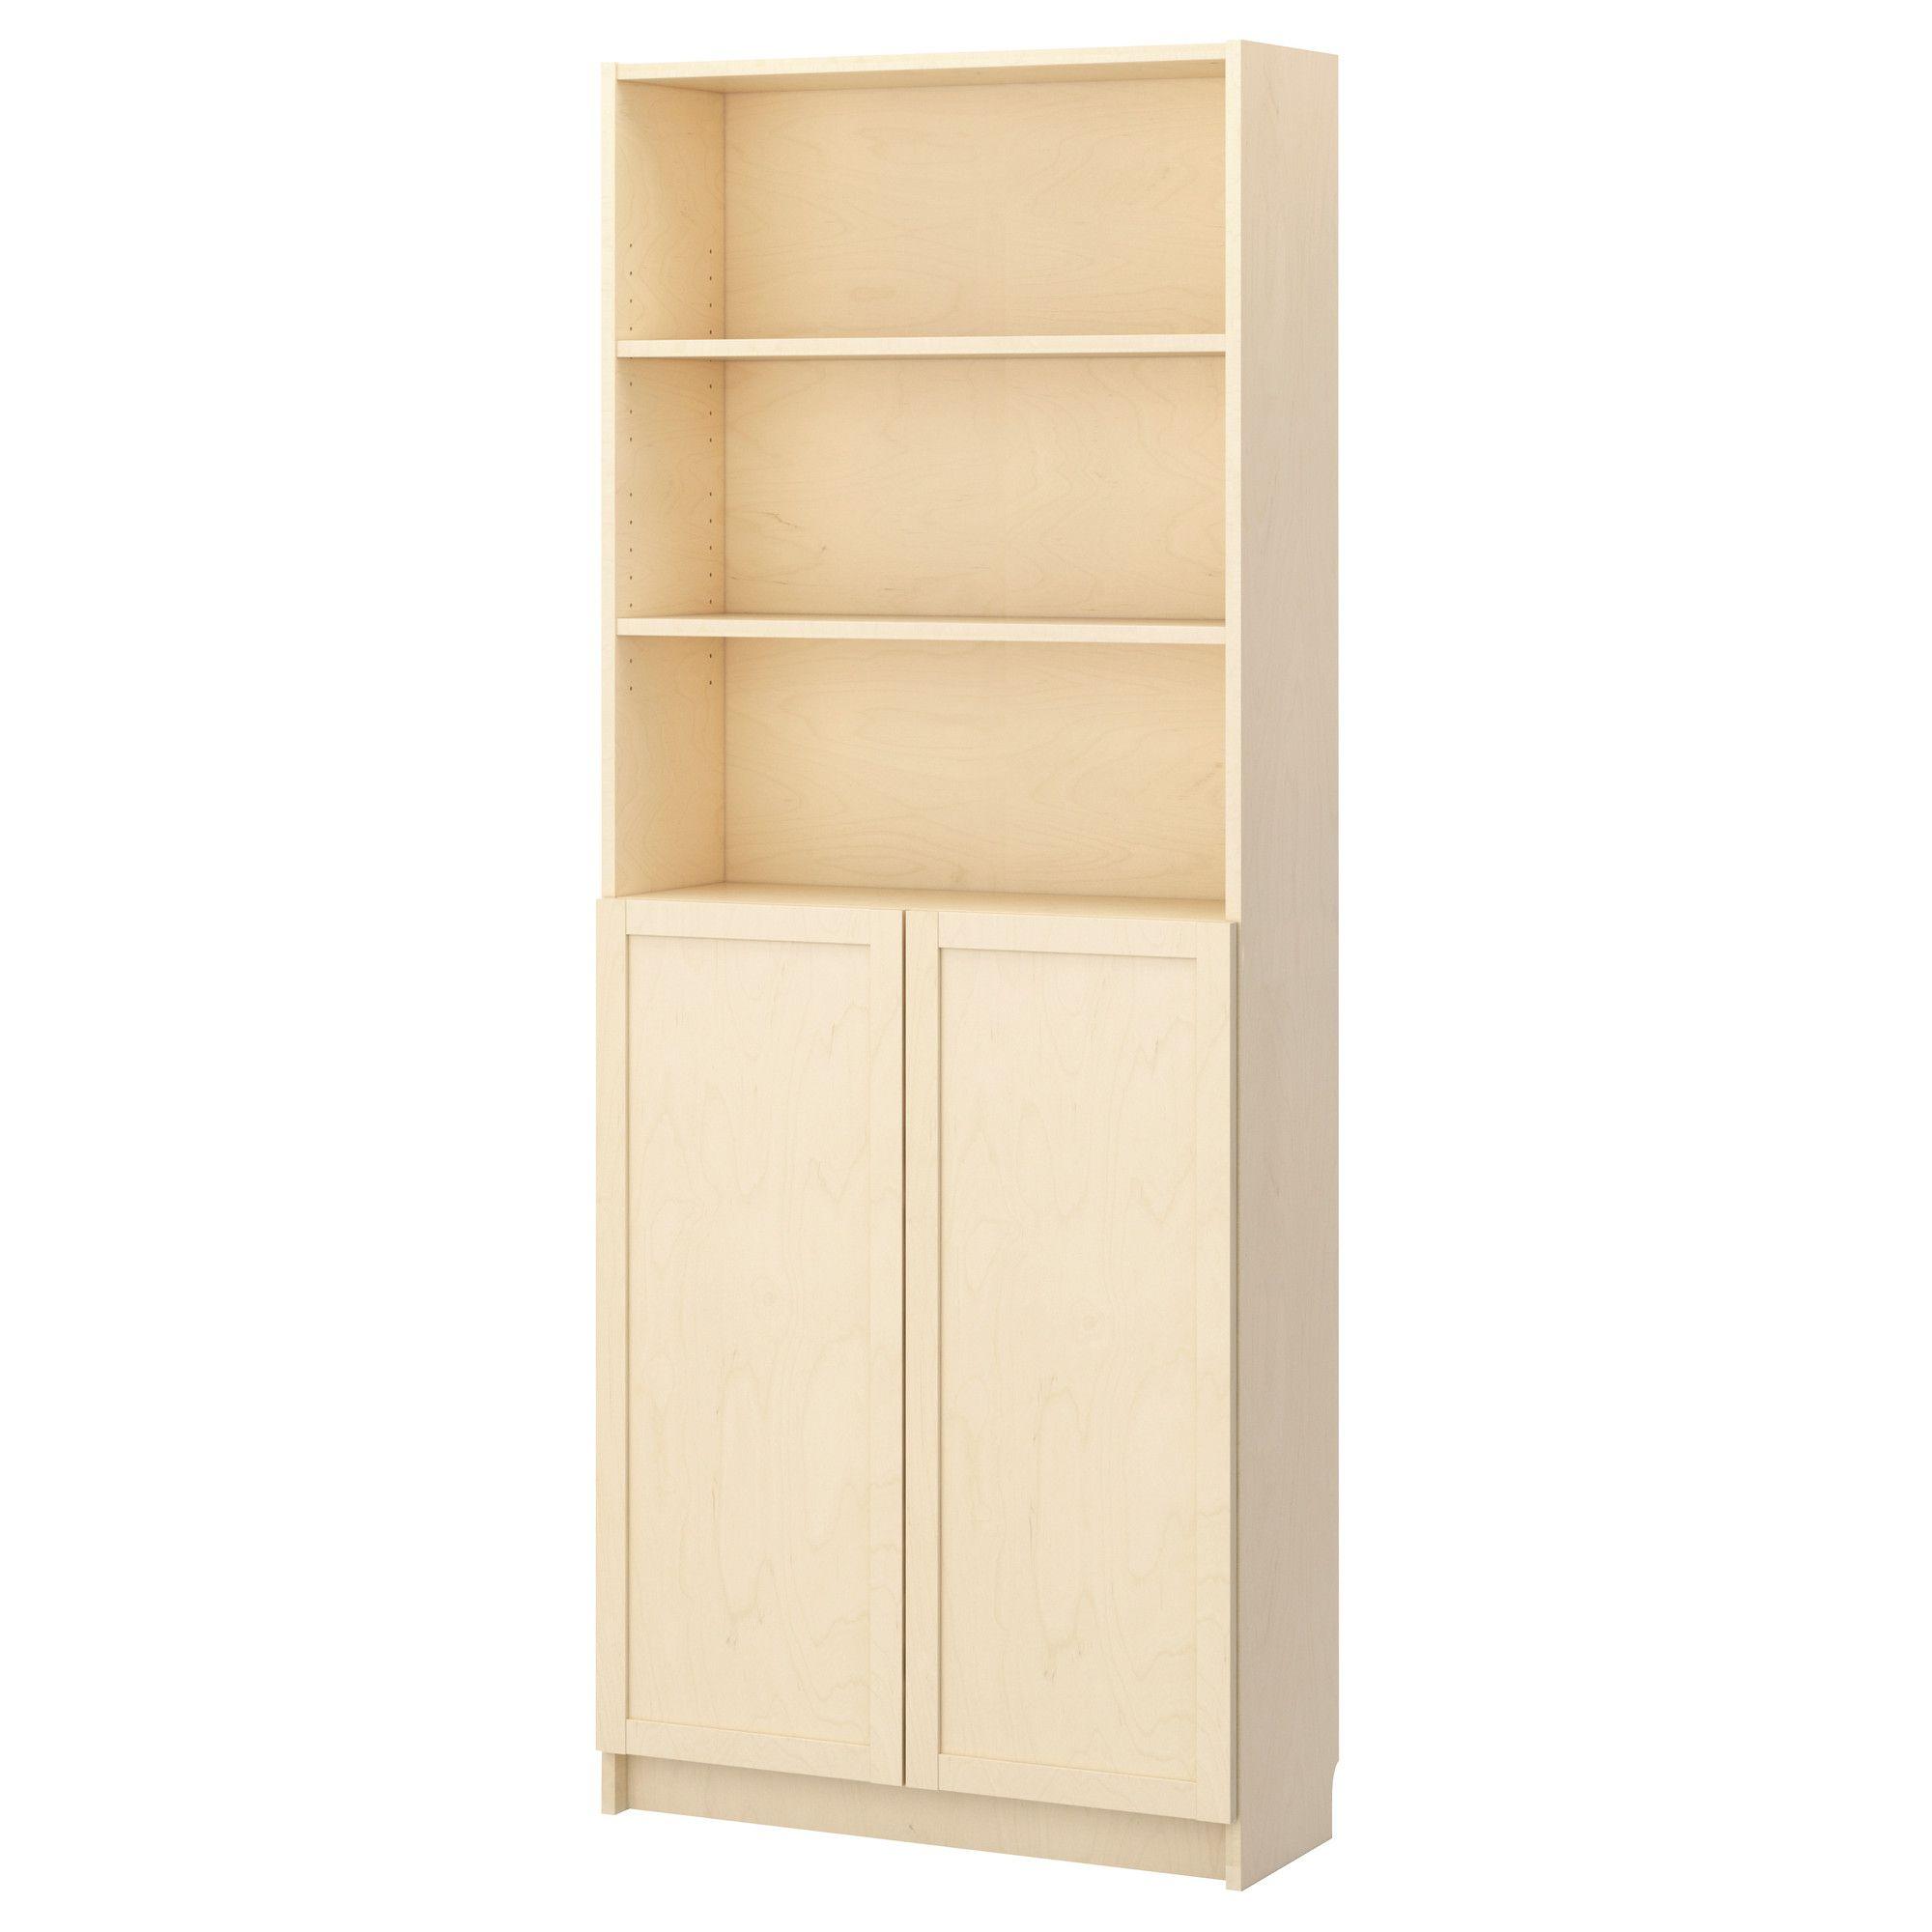 billy biblioth que avec portes plaqu bouleau ikea couloir entr e pinterest bouleau. Black Bedroom Furniture Sets. Home Design Ideas